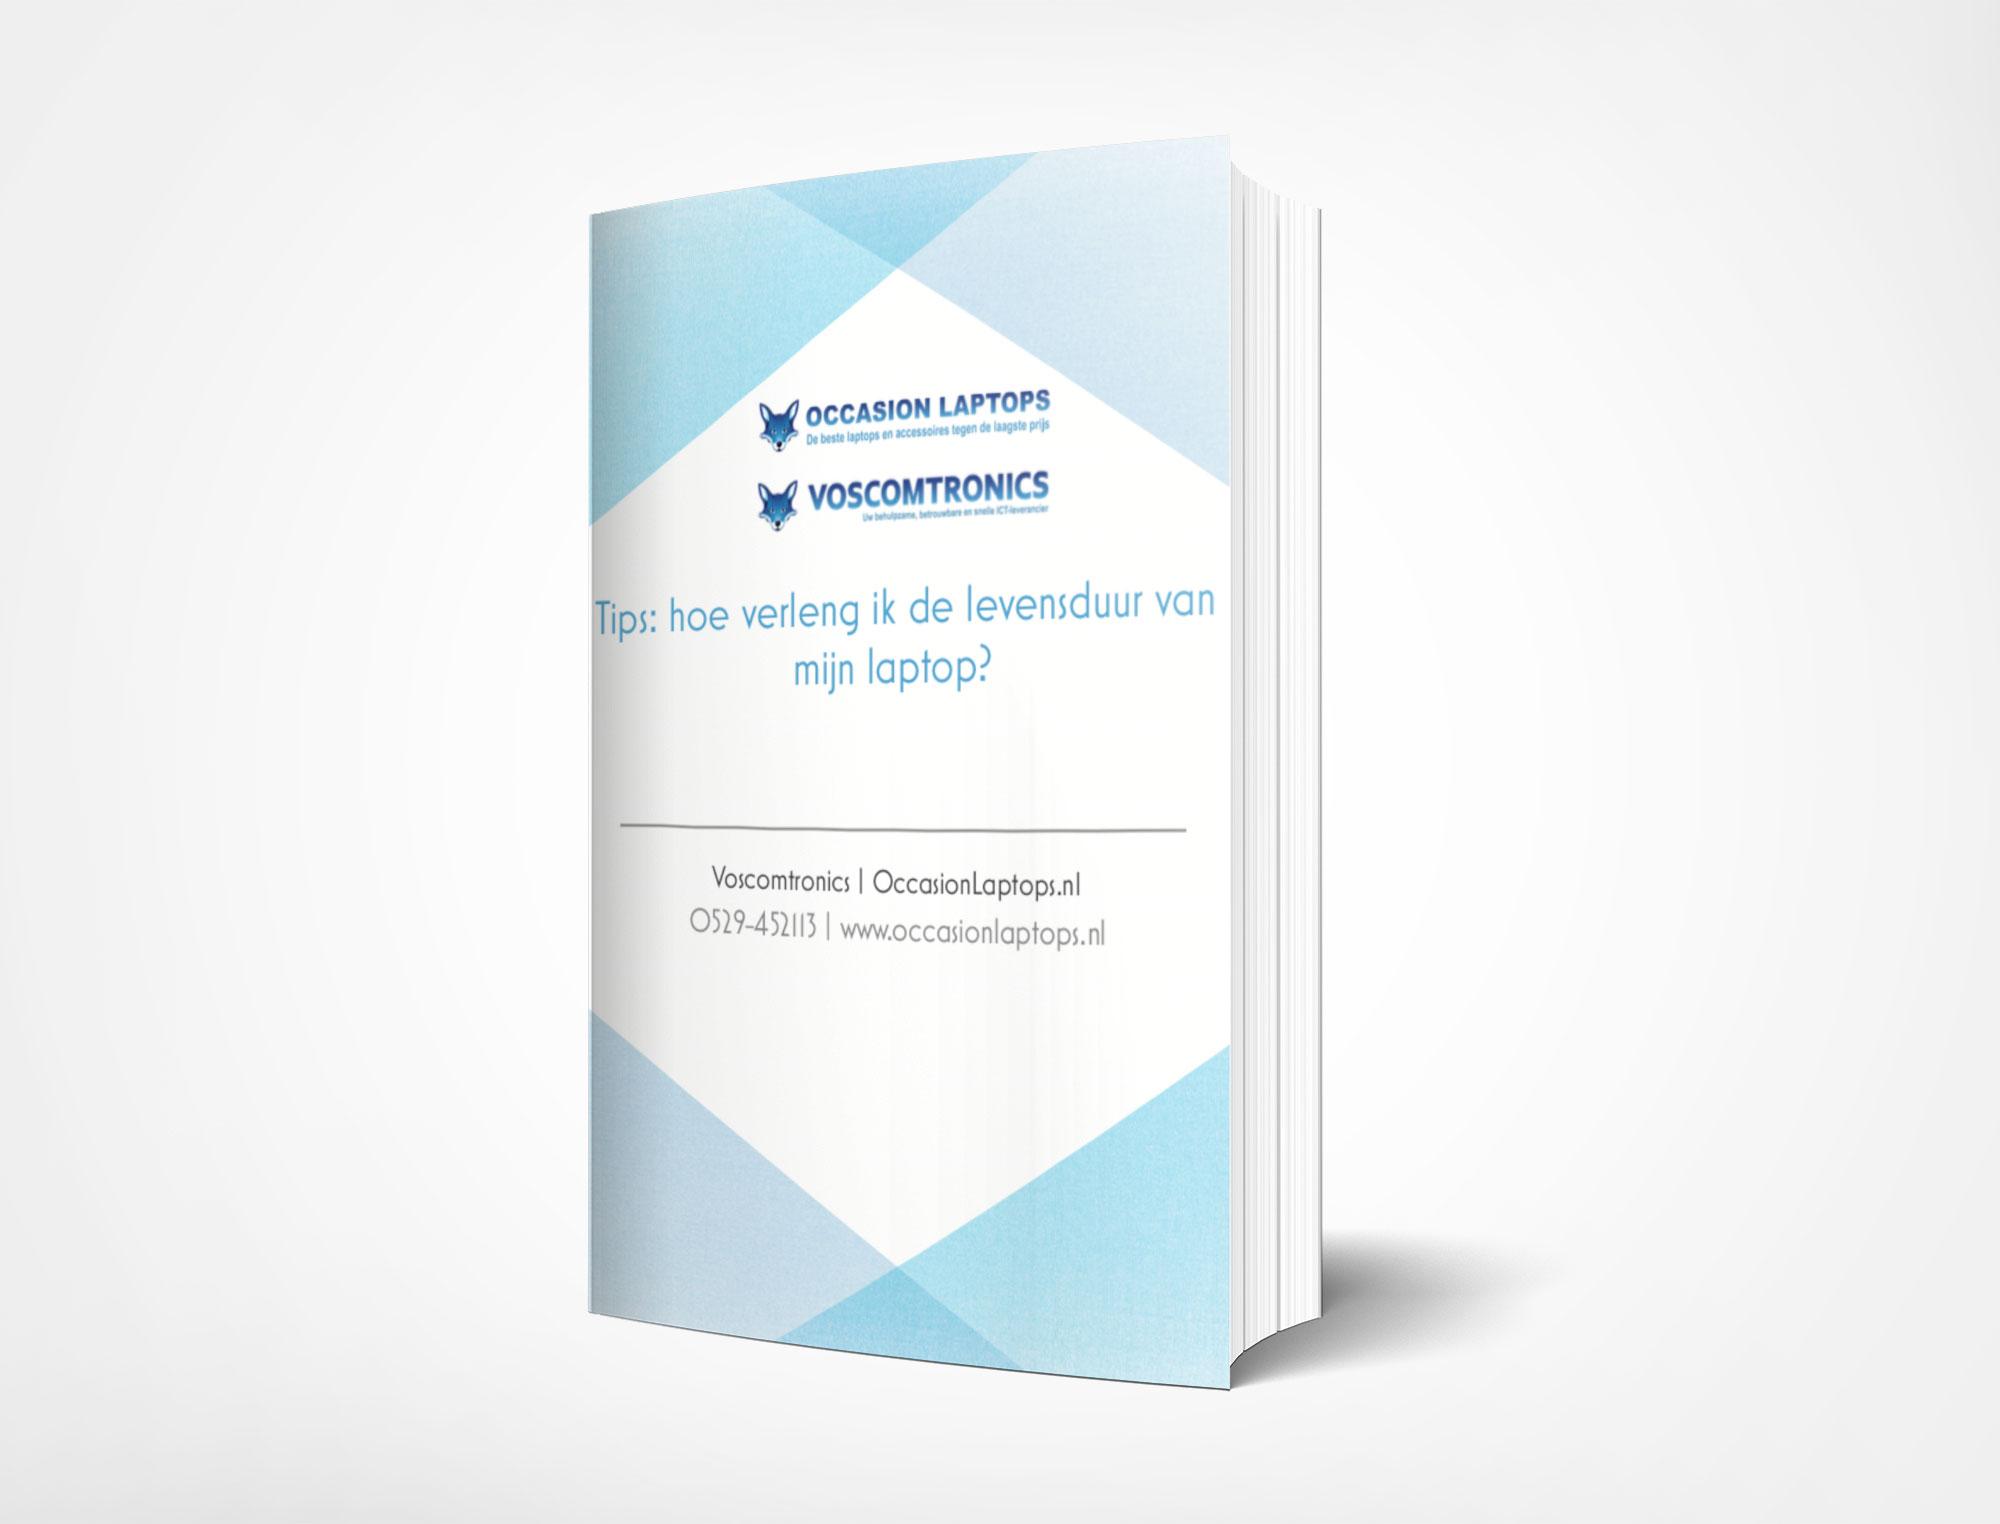 Ocassionlaptops pdf mockup voscomtronics for Voscomtronics ommen